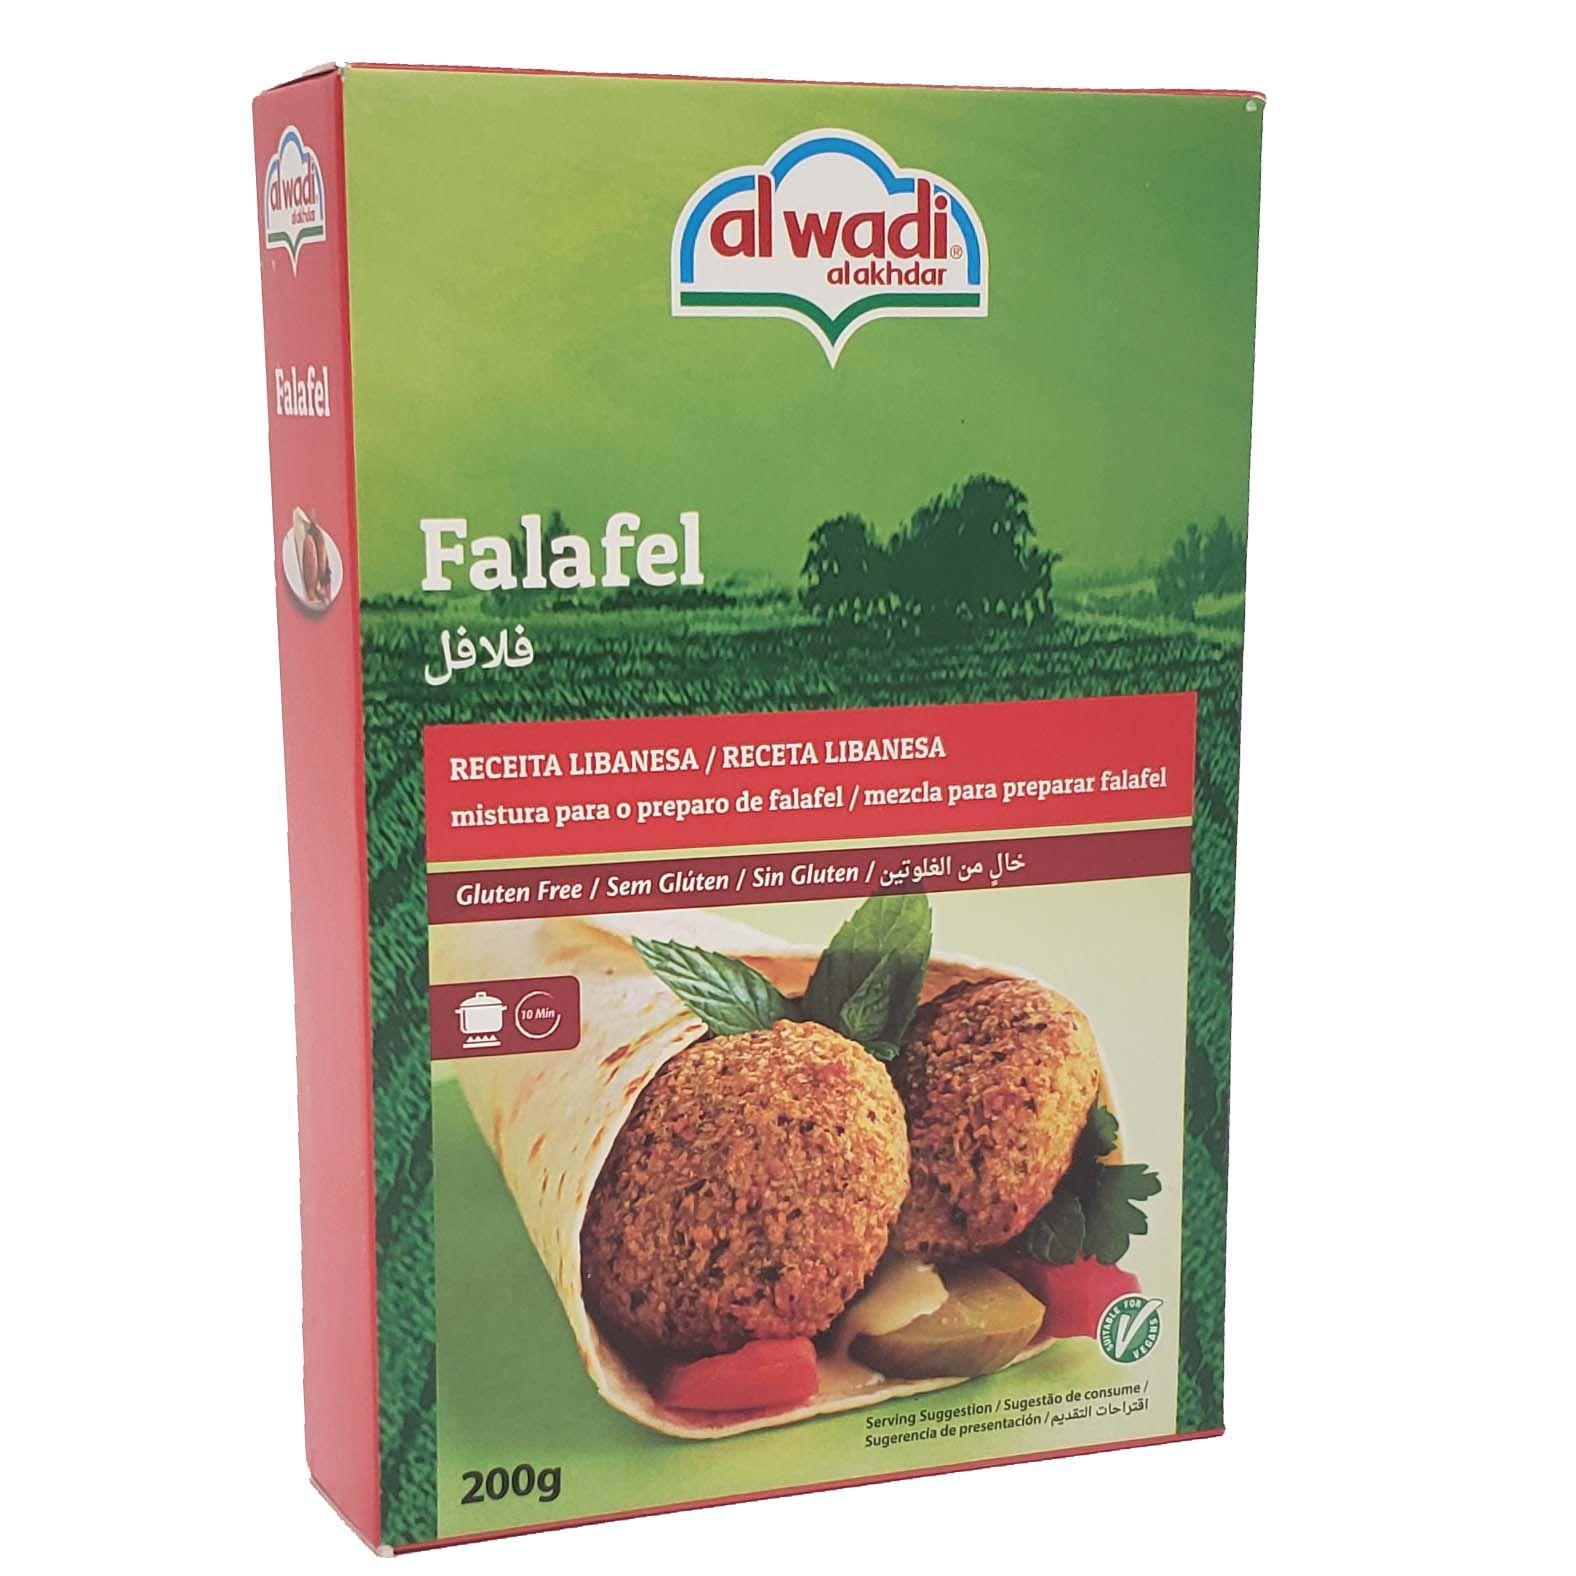 Falafel Alwadi Alakhdar - 200g -